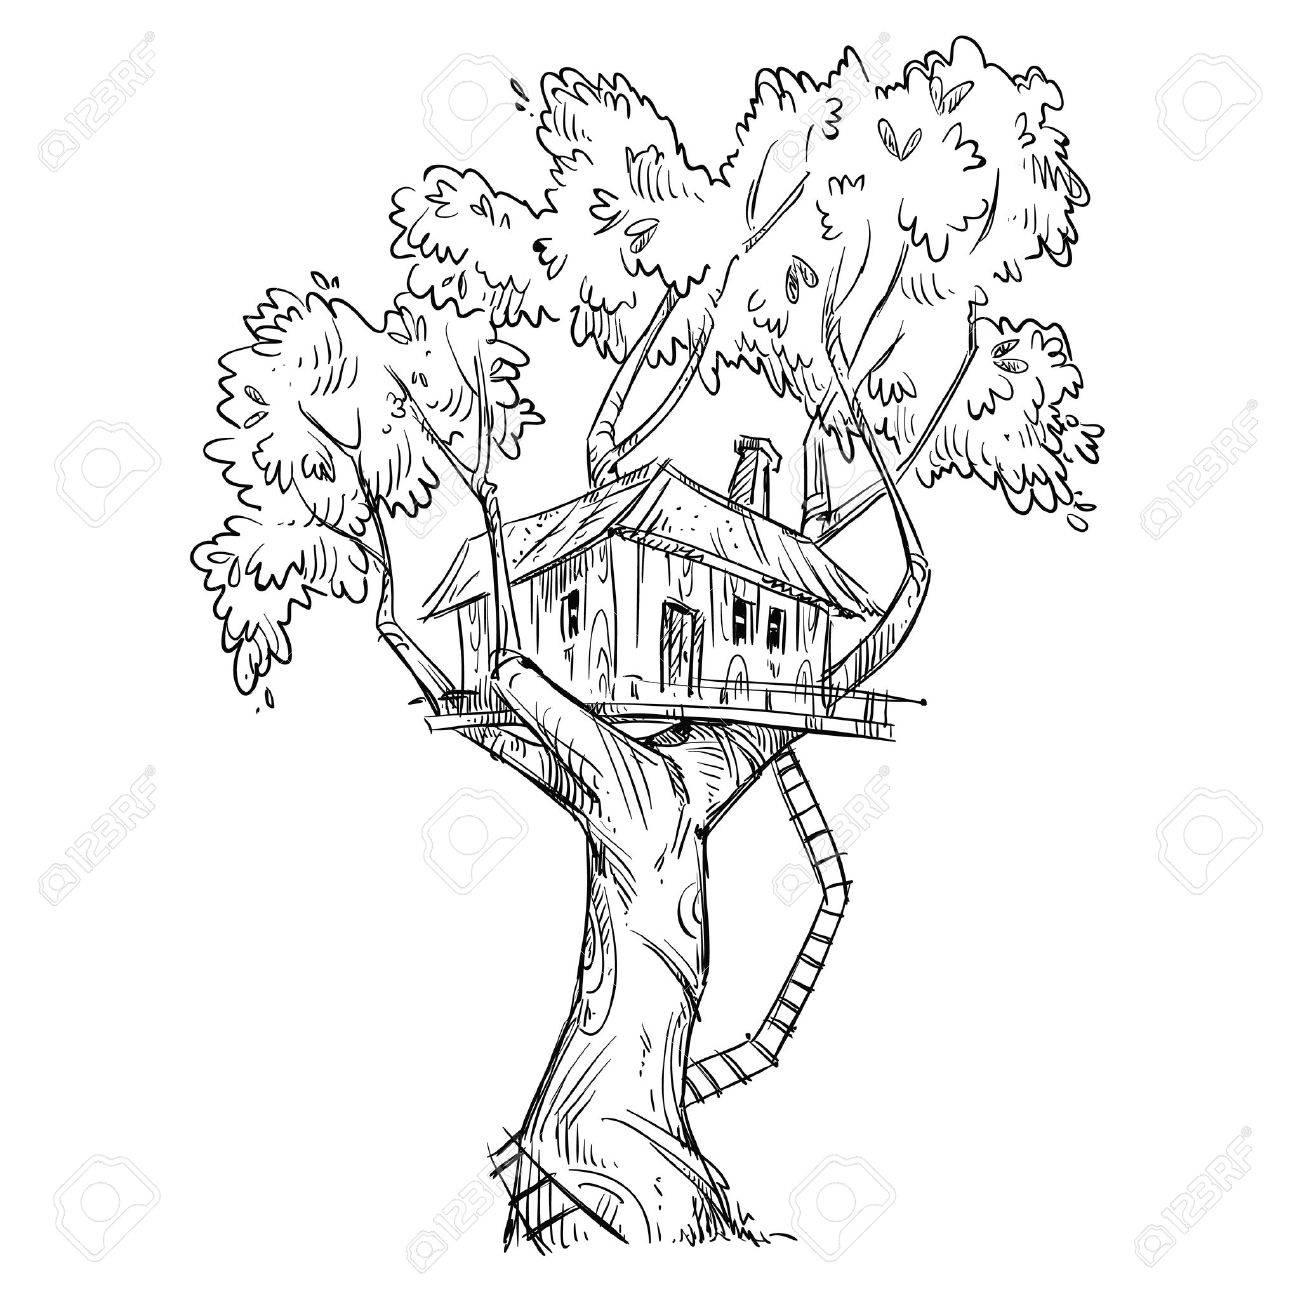 樹上の家手描きのイラストのイラスト素材ベクタ Image 57880408